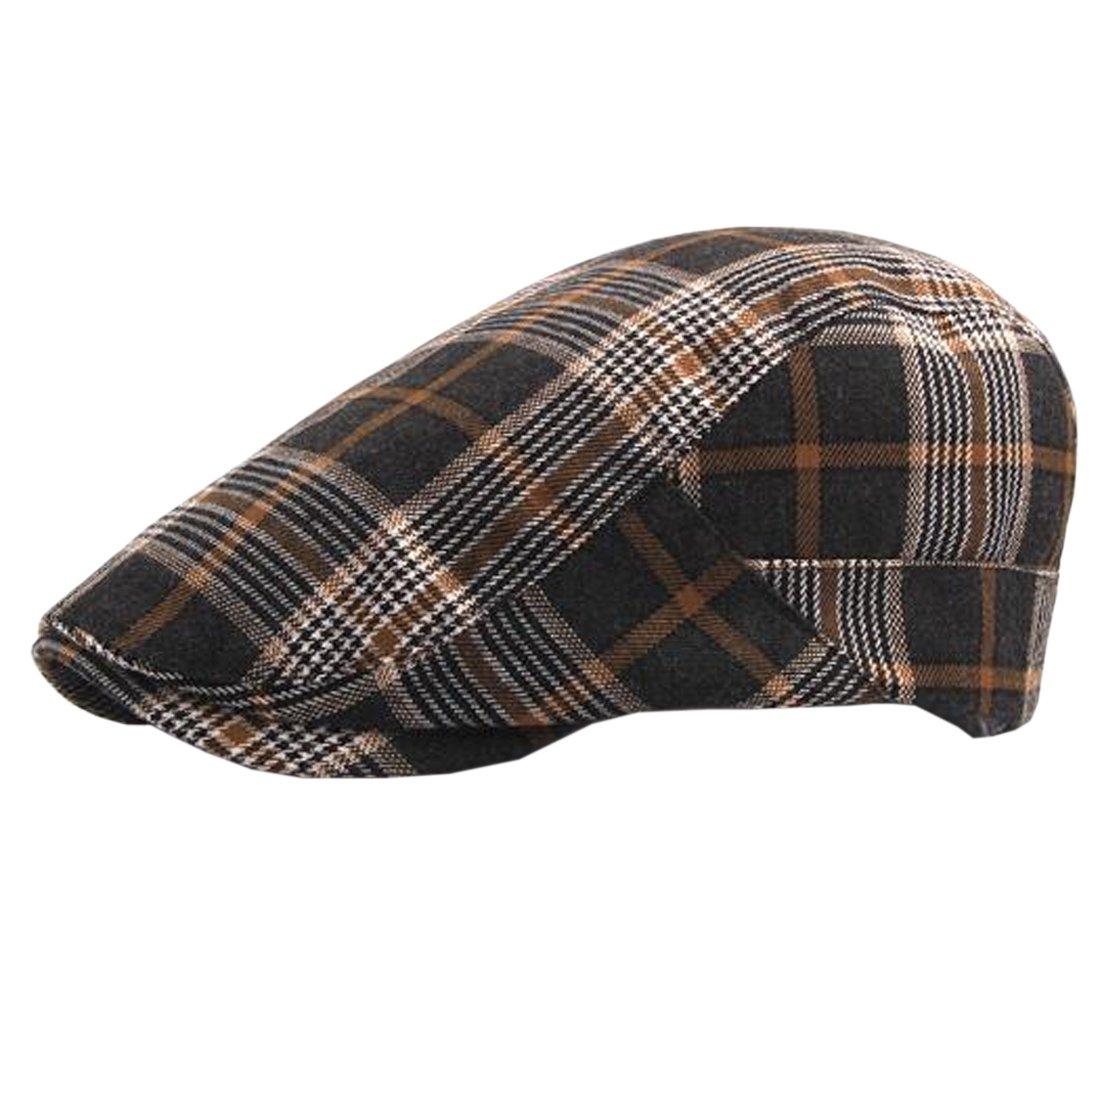 ACVIP Unisex Plaid Newsboy Ivy Cap Outdorr Duckbill Sun Hat